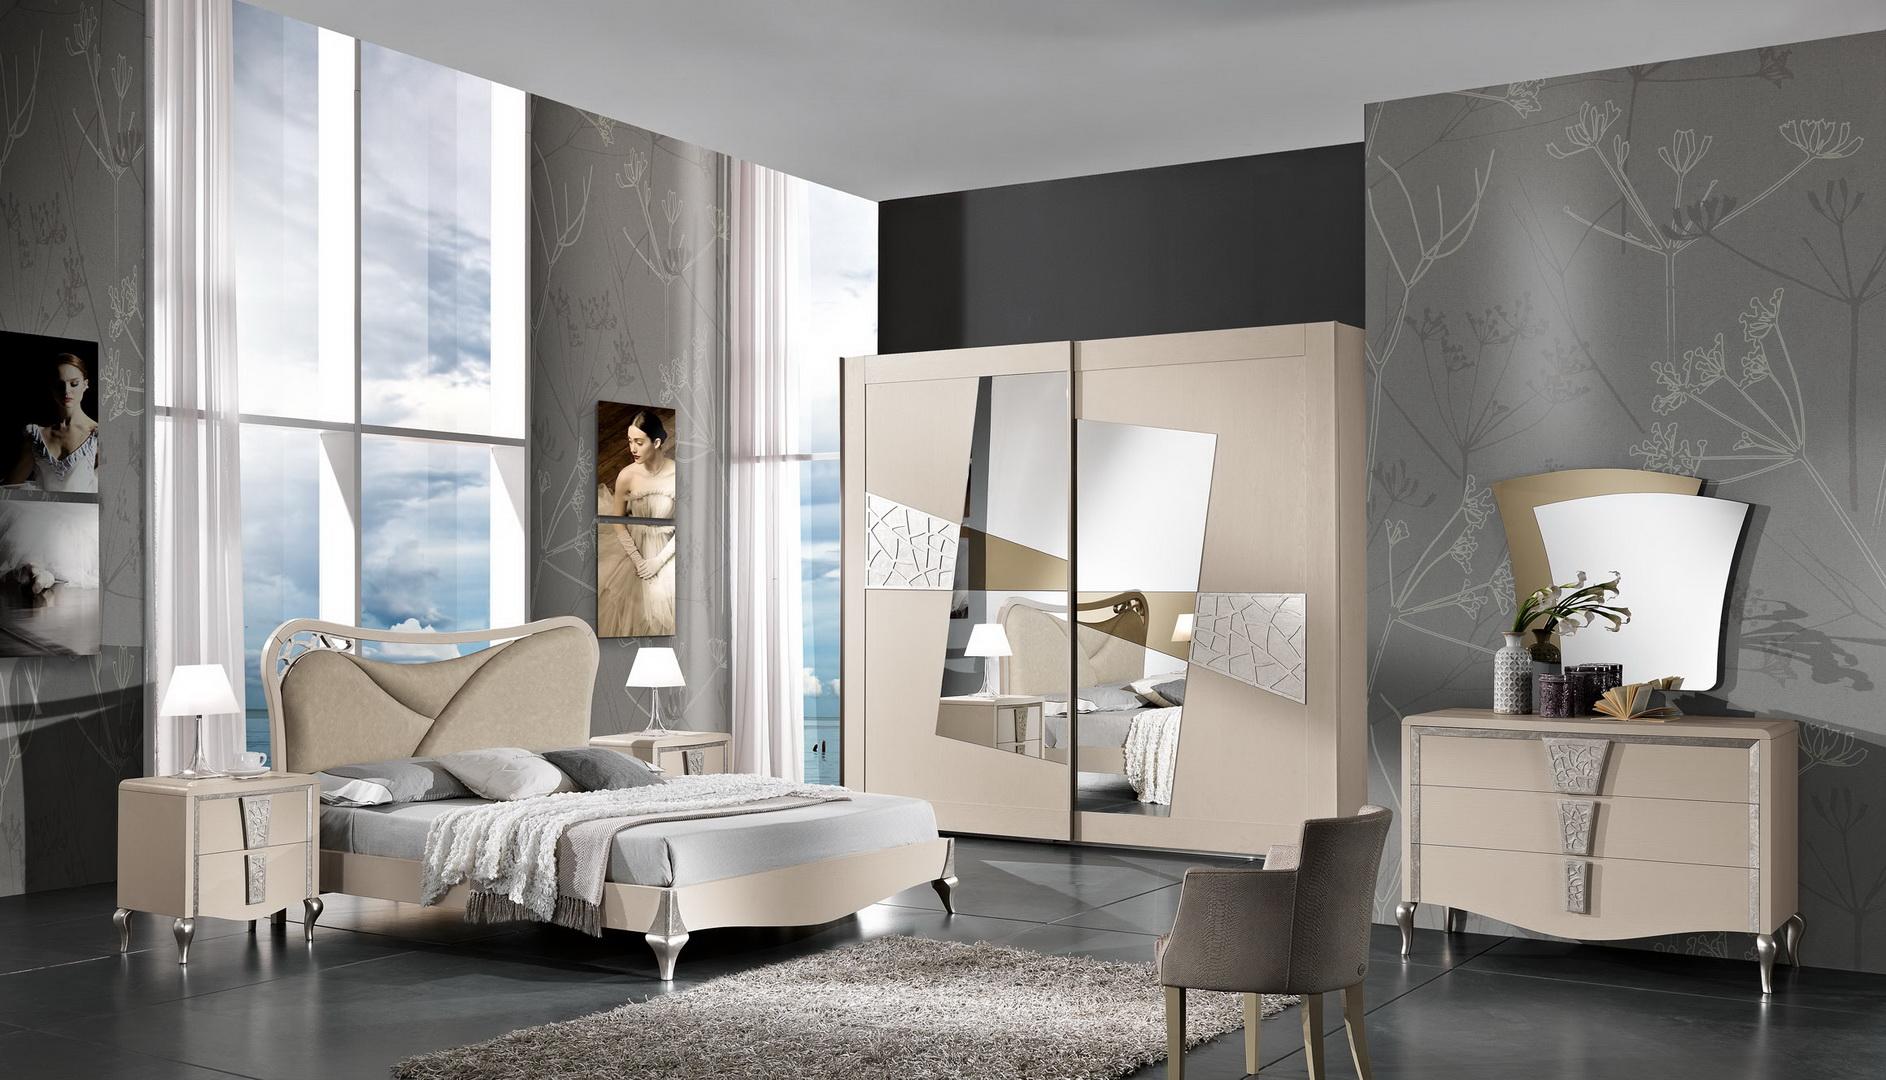 Camera da letto sb10007 c4 home arredamenti cosenza - Camere da letto contemporanee prezzi ...